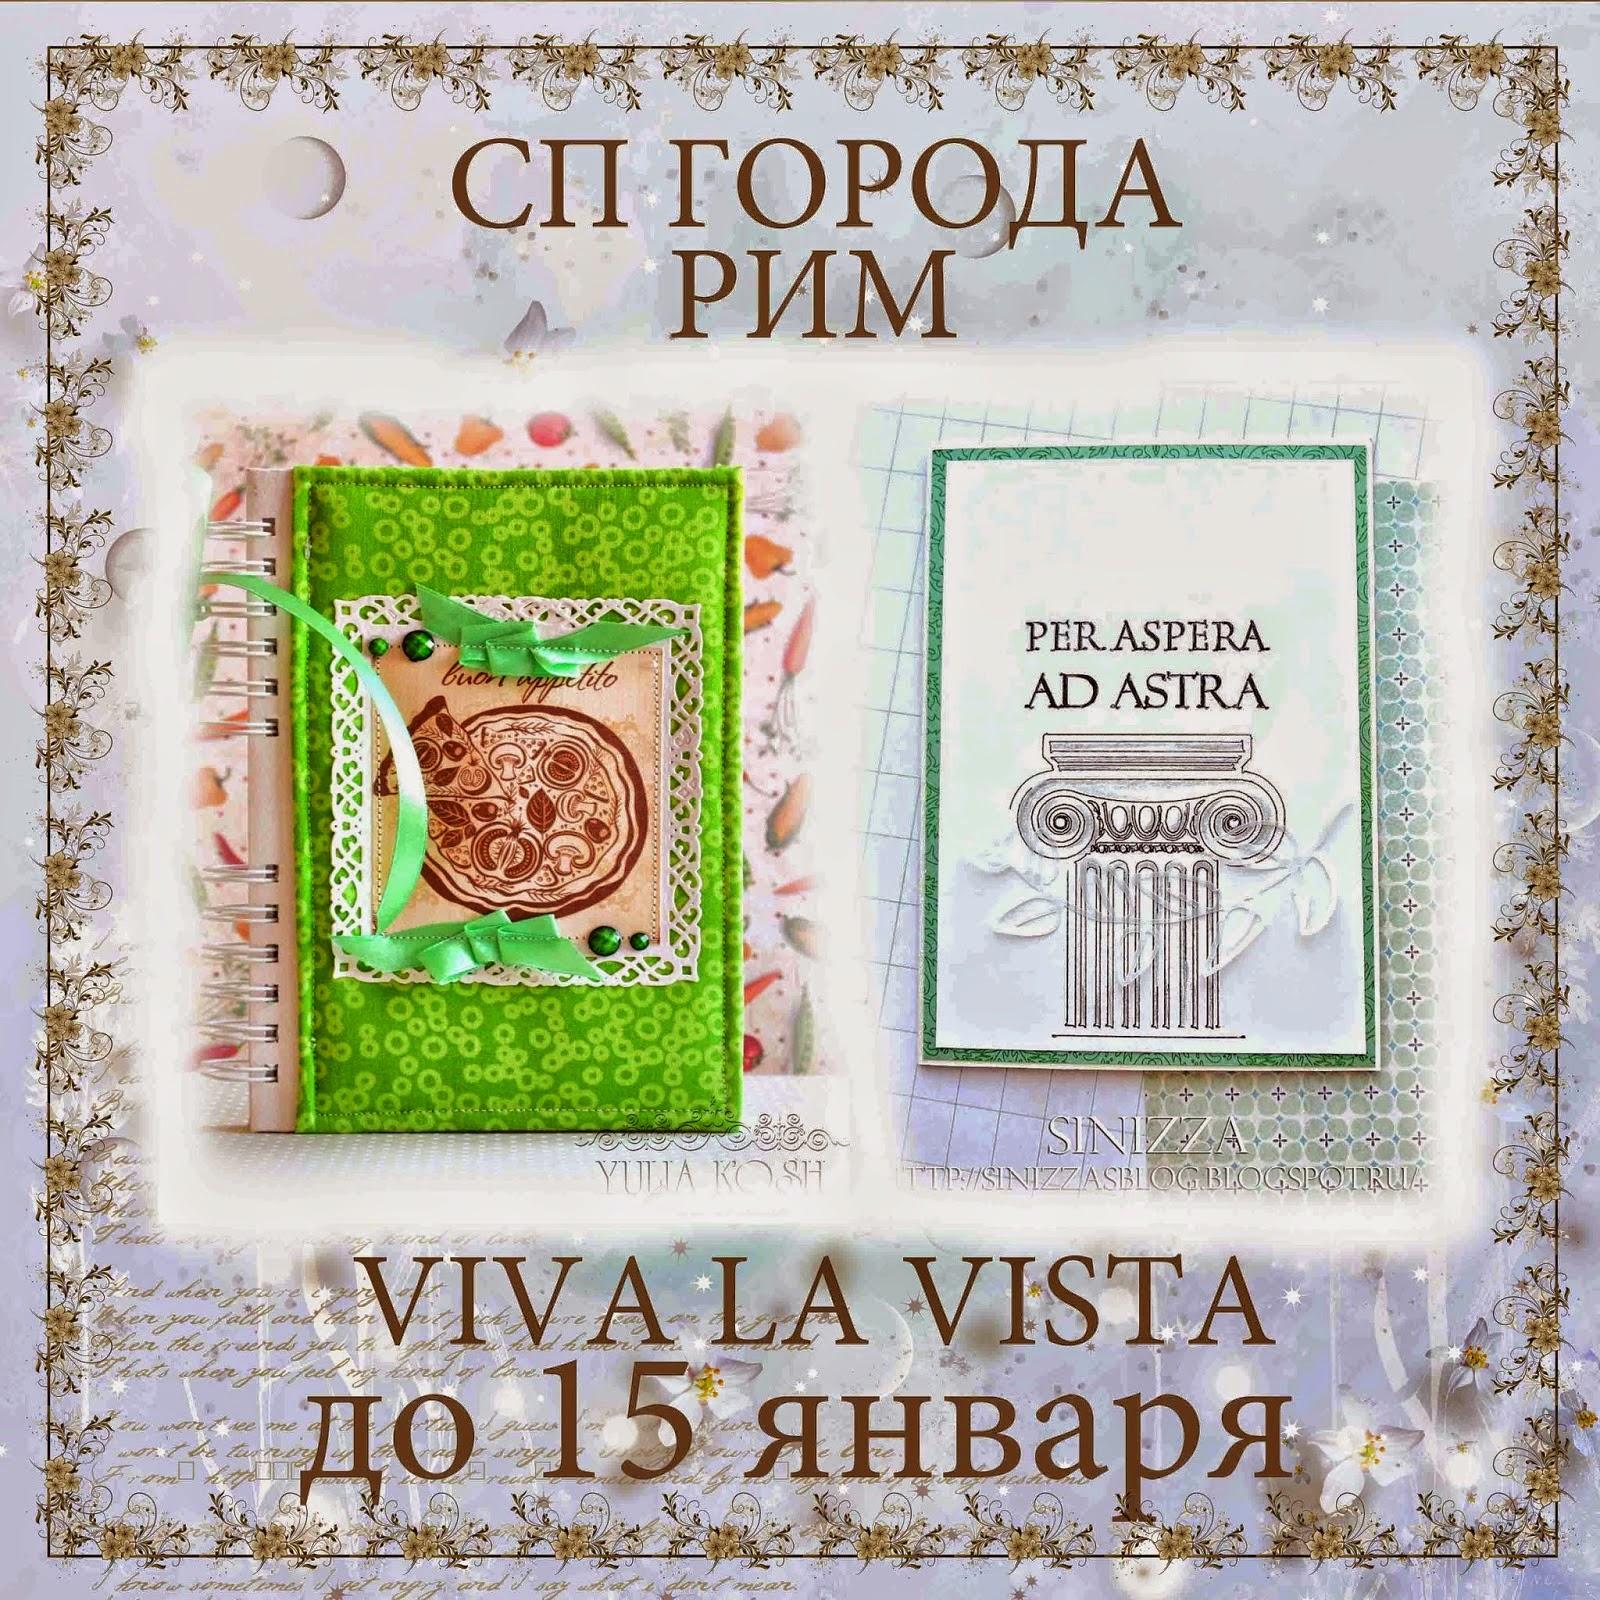 http://vlvista.blogspot.de/2014/12/blog-post_60.html